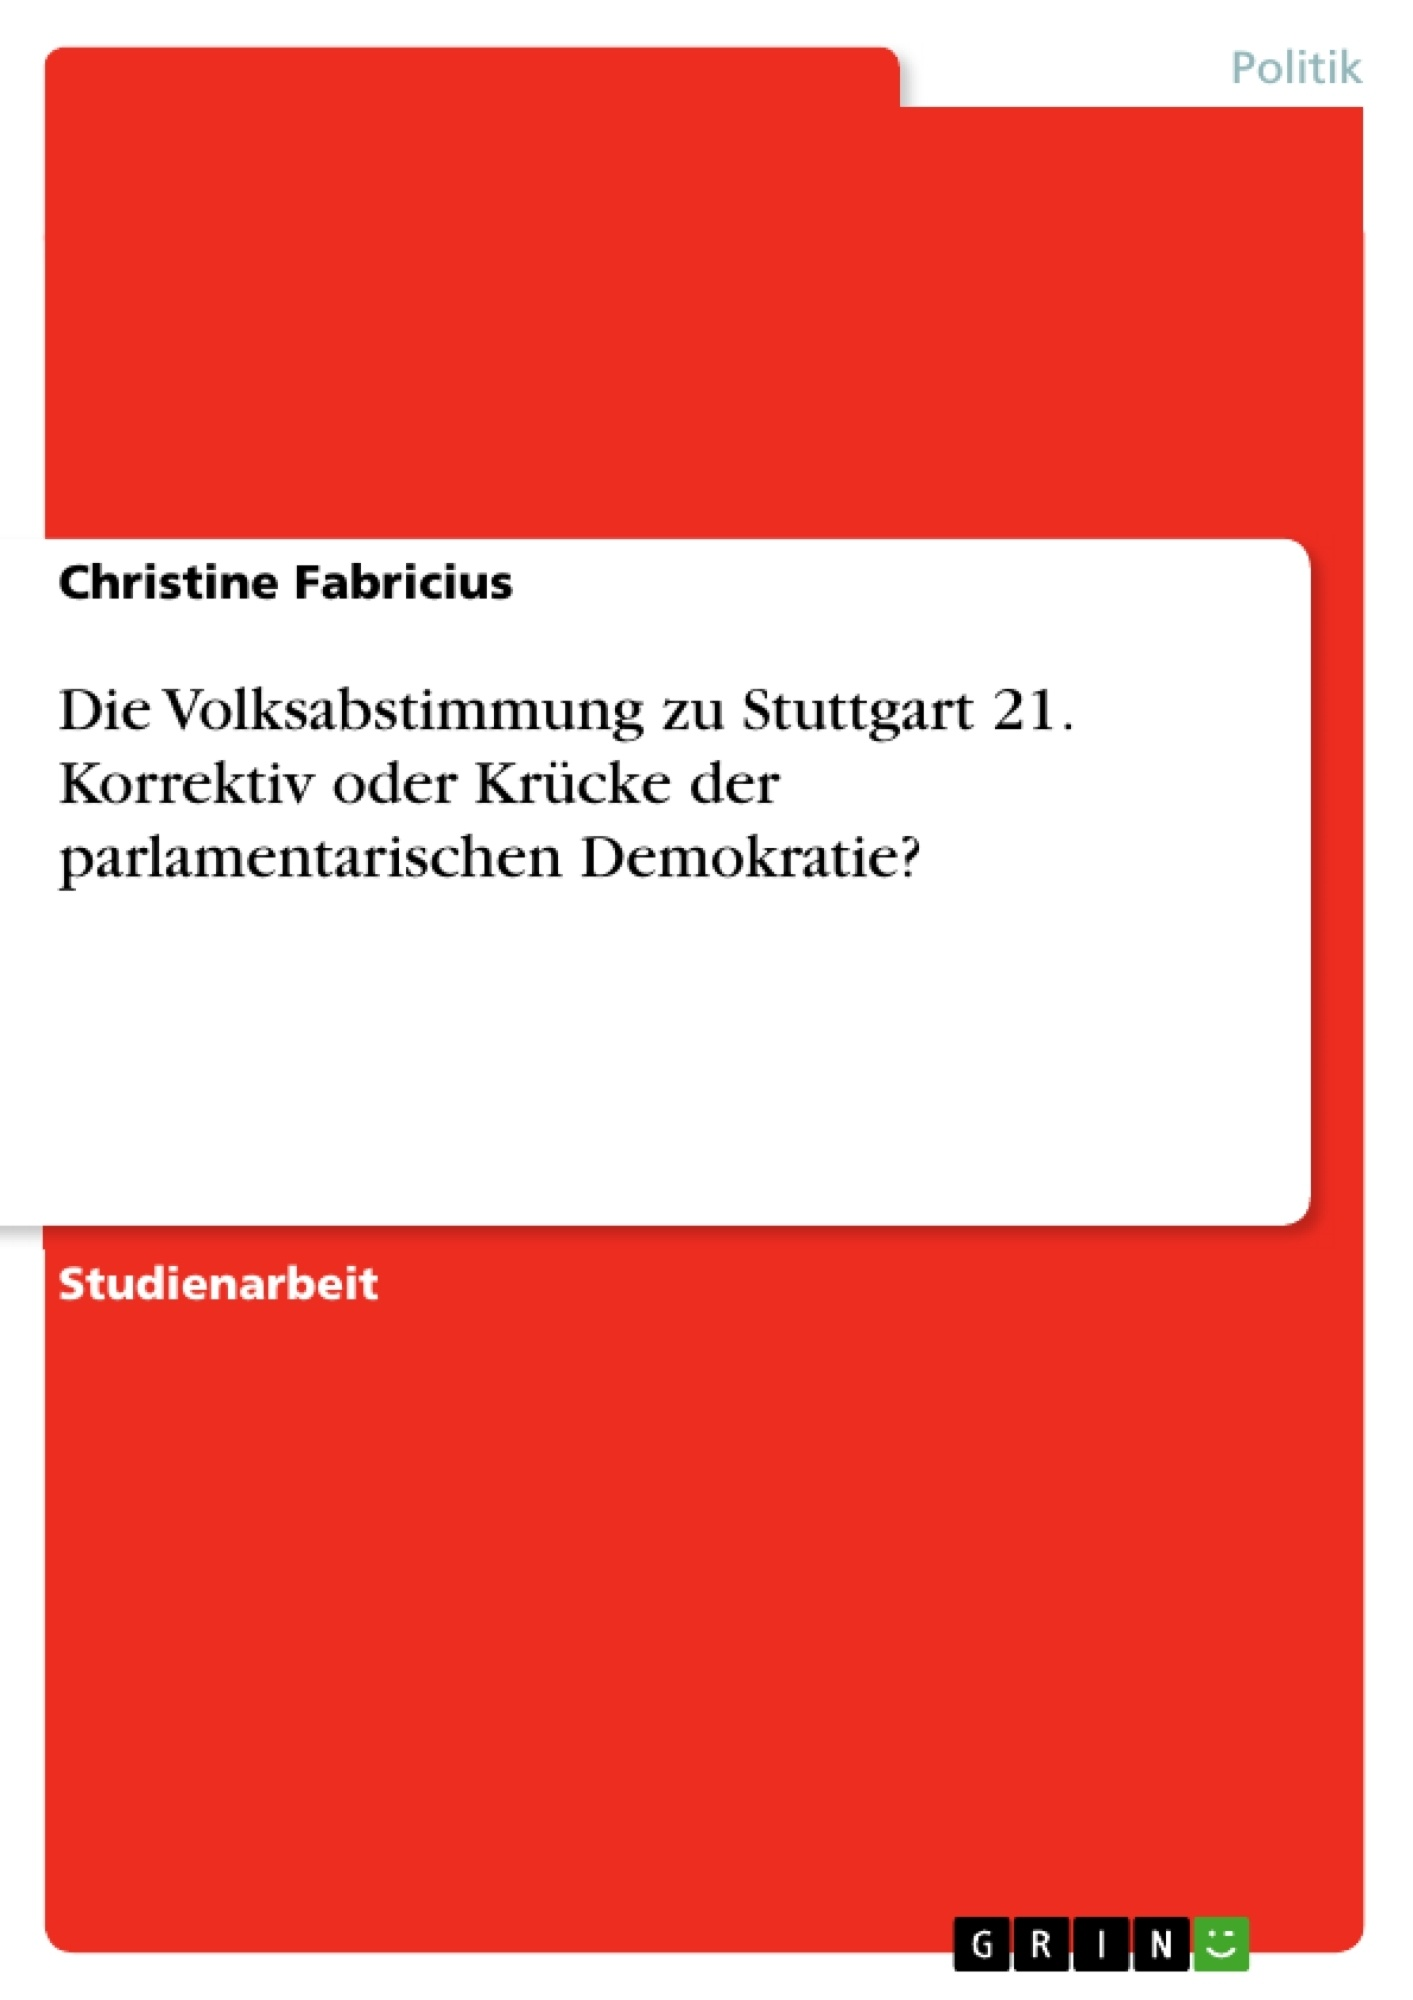 Titel: Die Volksabstimmung zu Stuttgart 21. Korrektiv oder Krücke der parlamentarischen Demokratie?